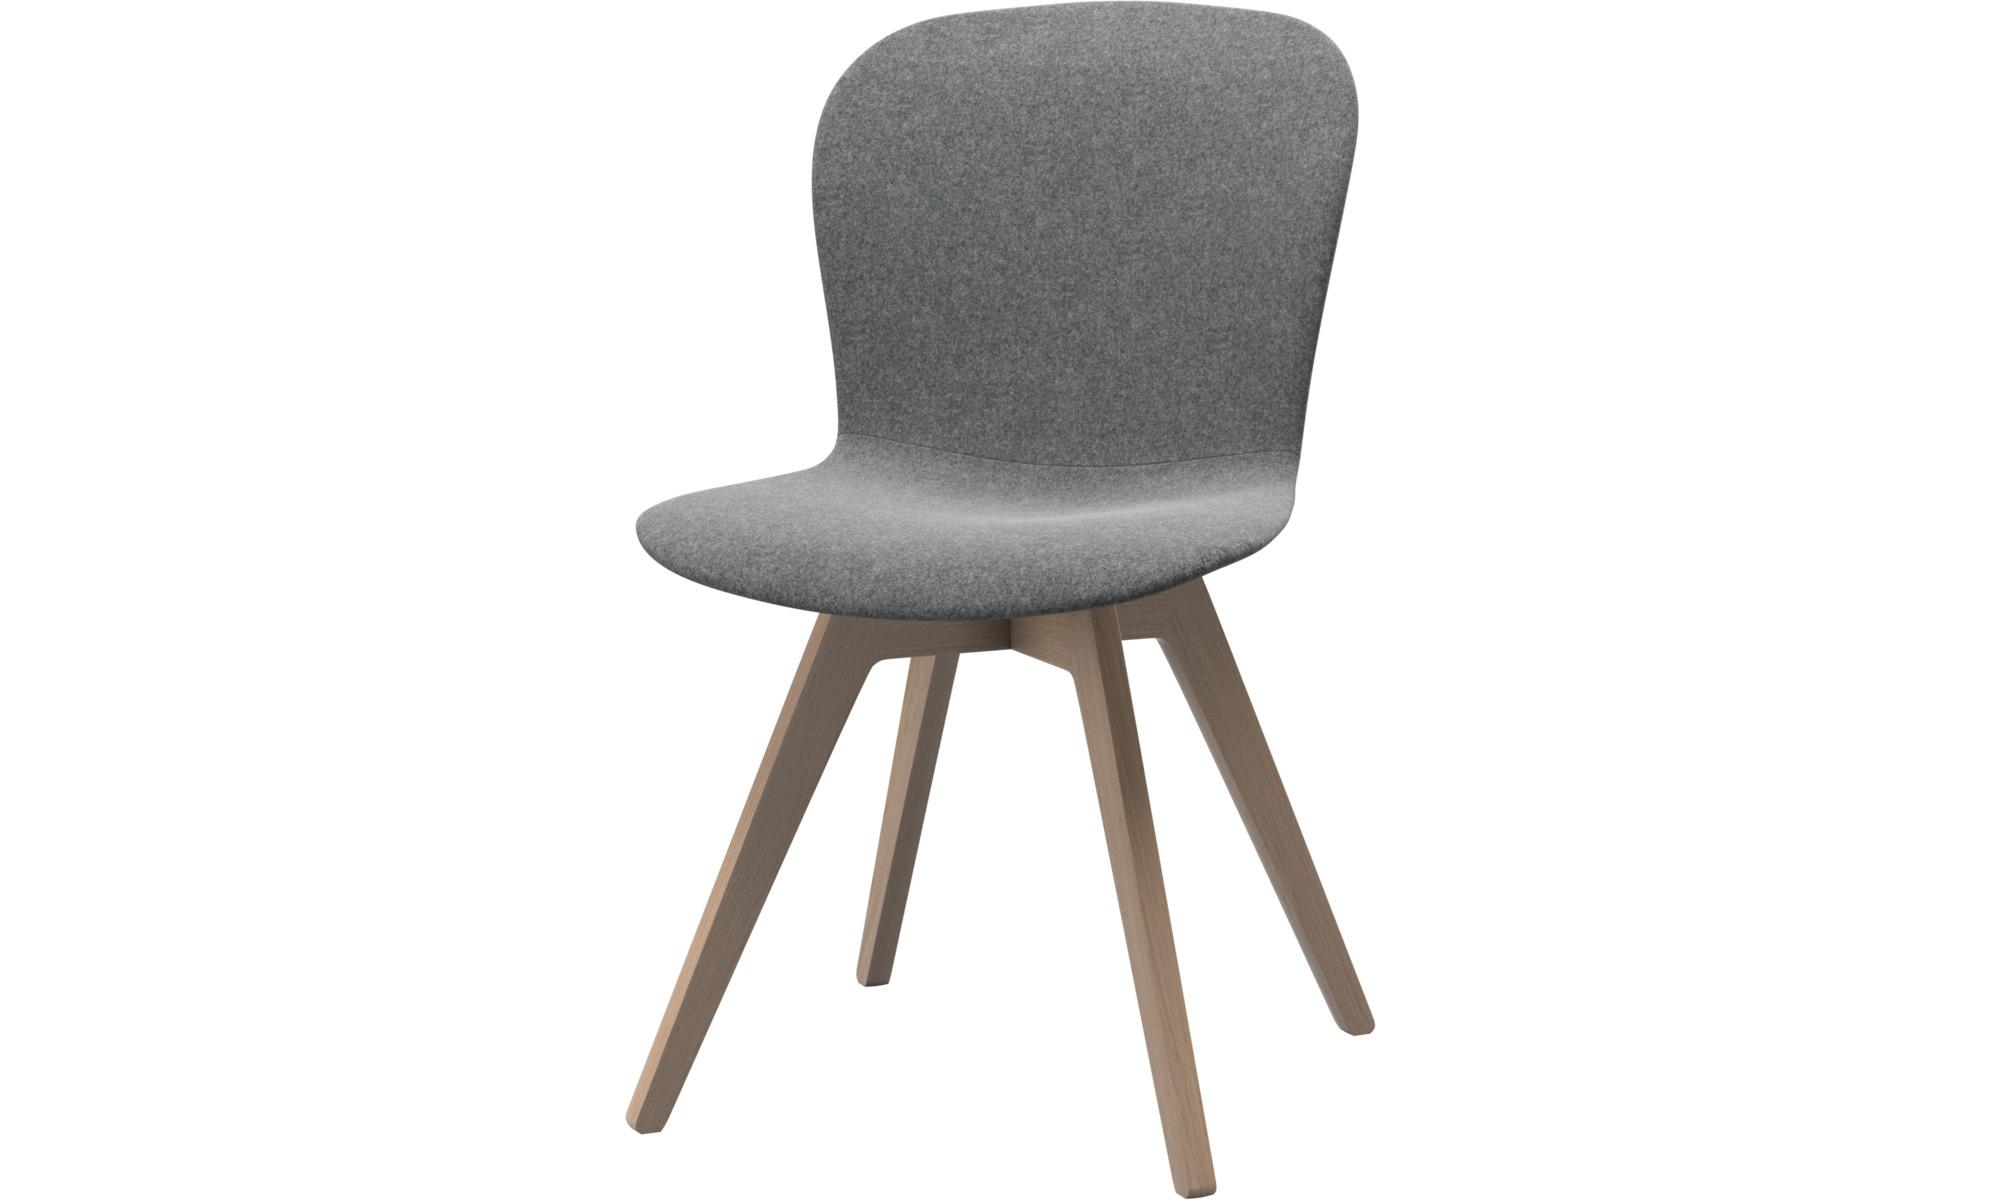 Chaises de salle manger chaise adelaide boconcept for Blague de la chaise